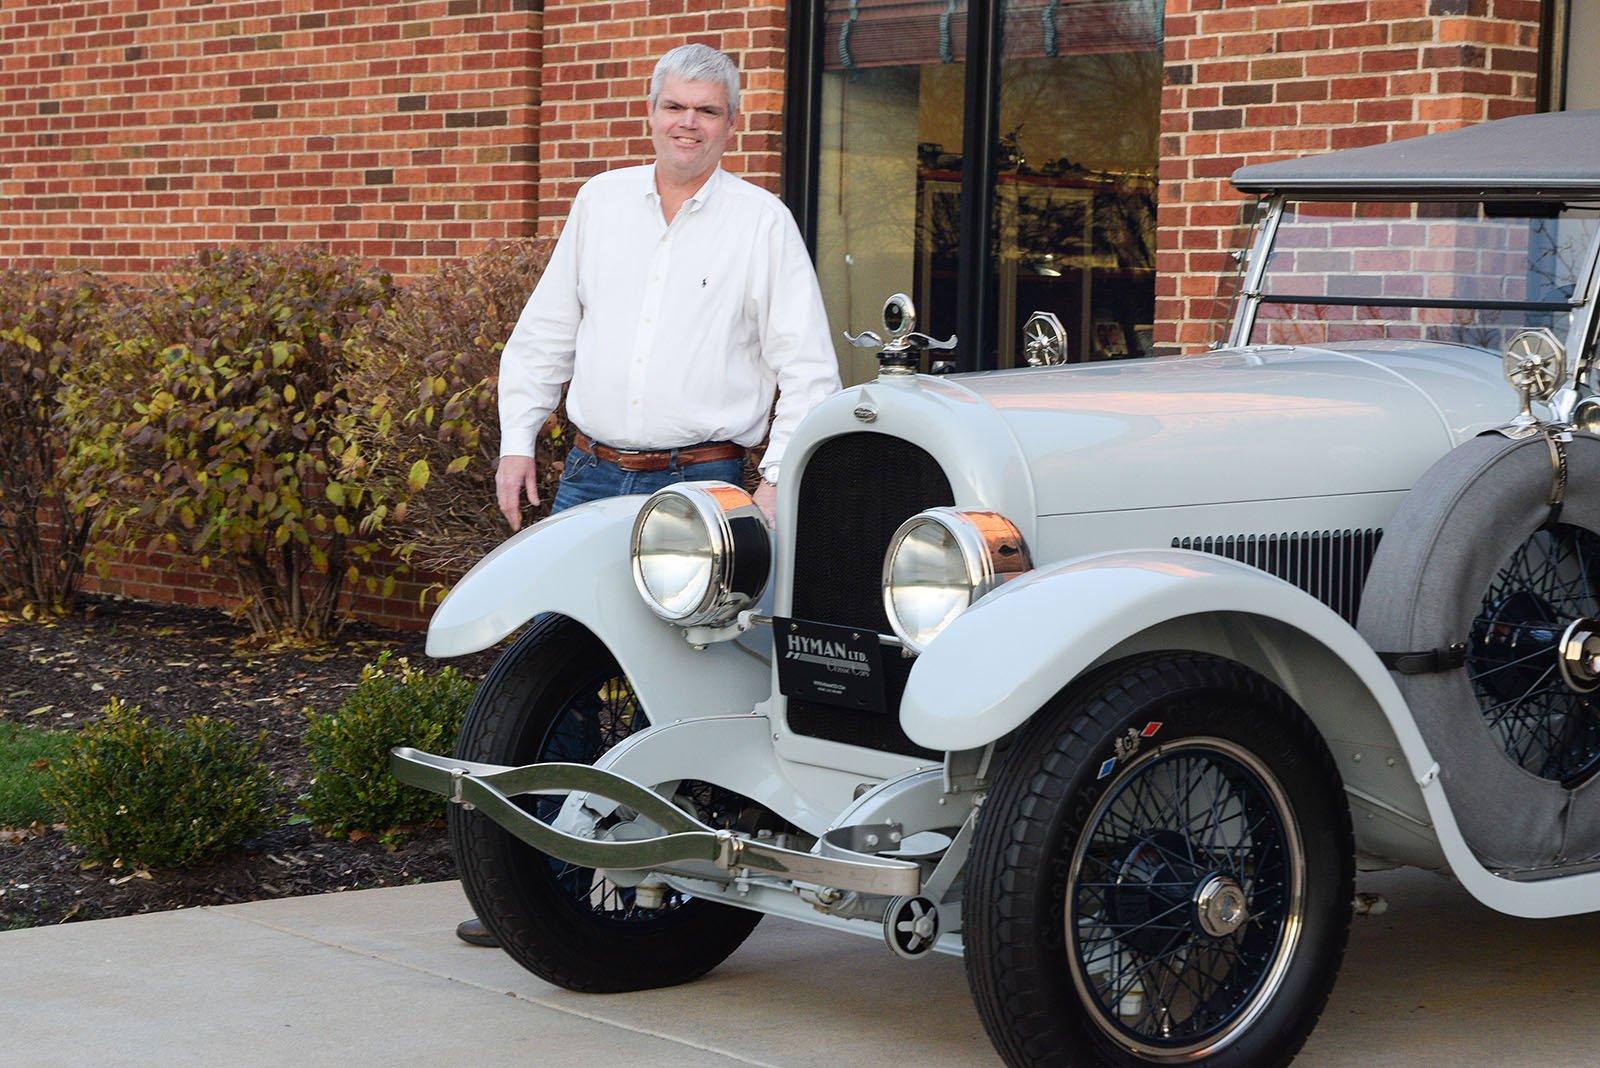 Hyman Ltd. Classic Cars